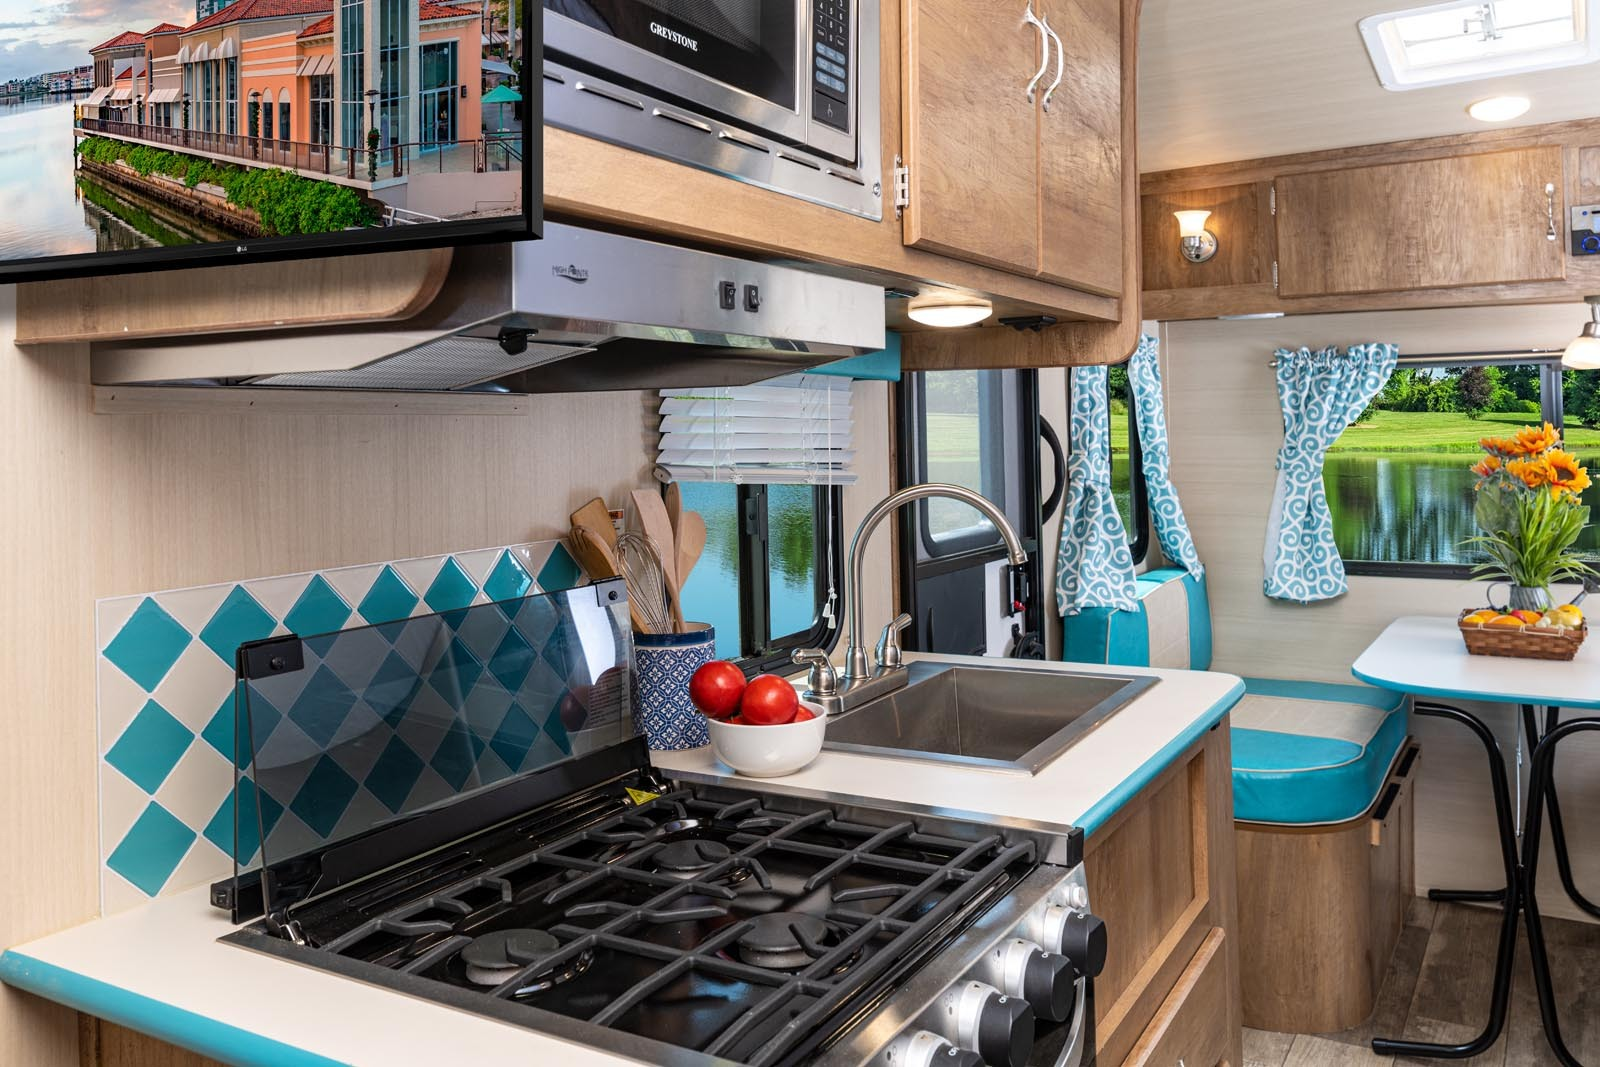 21 17rwd turq kitchen